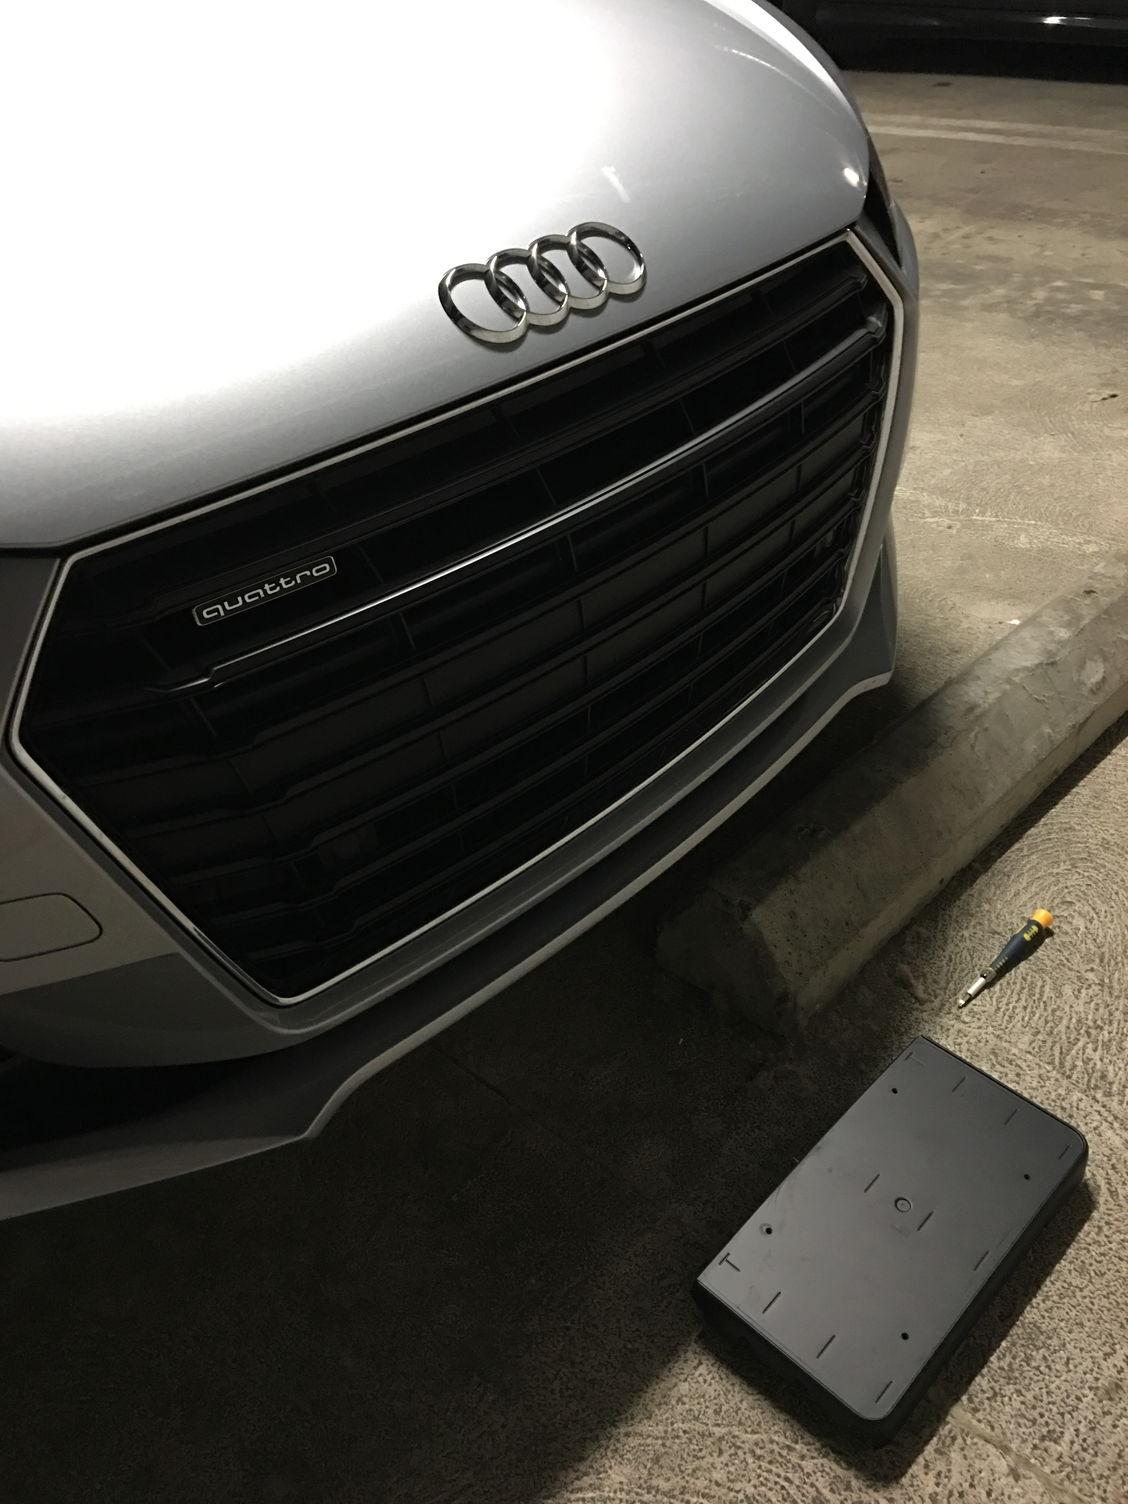 Audi Plate Frame >> Removing front license plate holder? - AudiWorld Forums